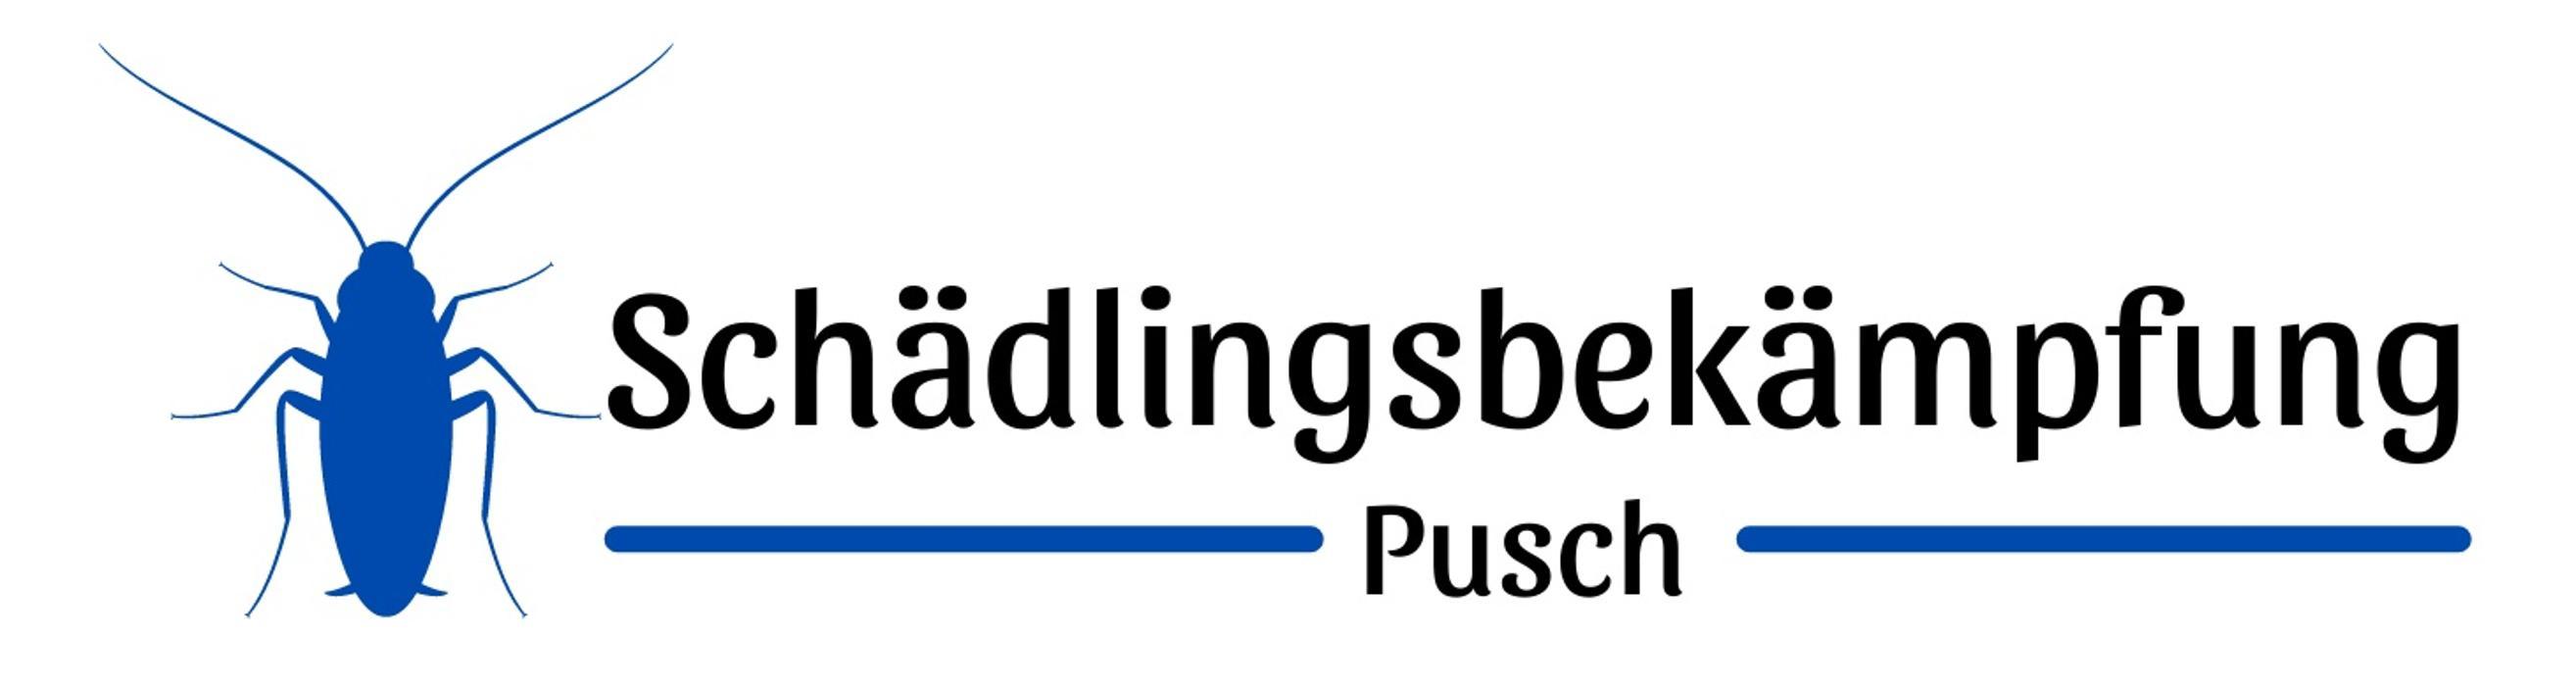 Bild zu Schädlingsbekämpfung Pusch in Dortmund